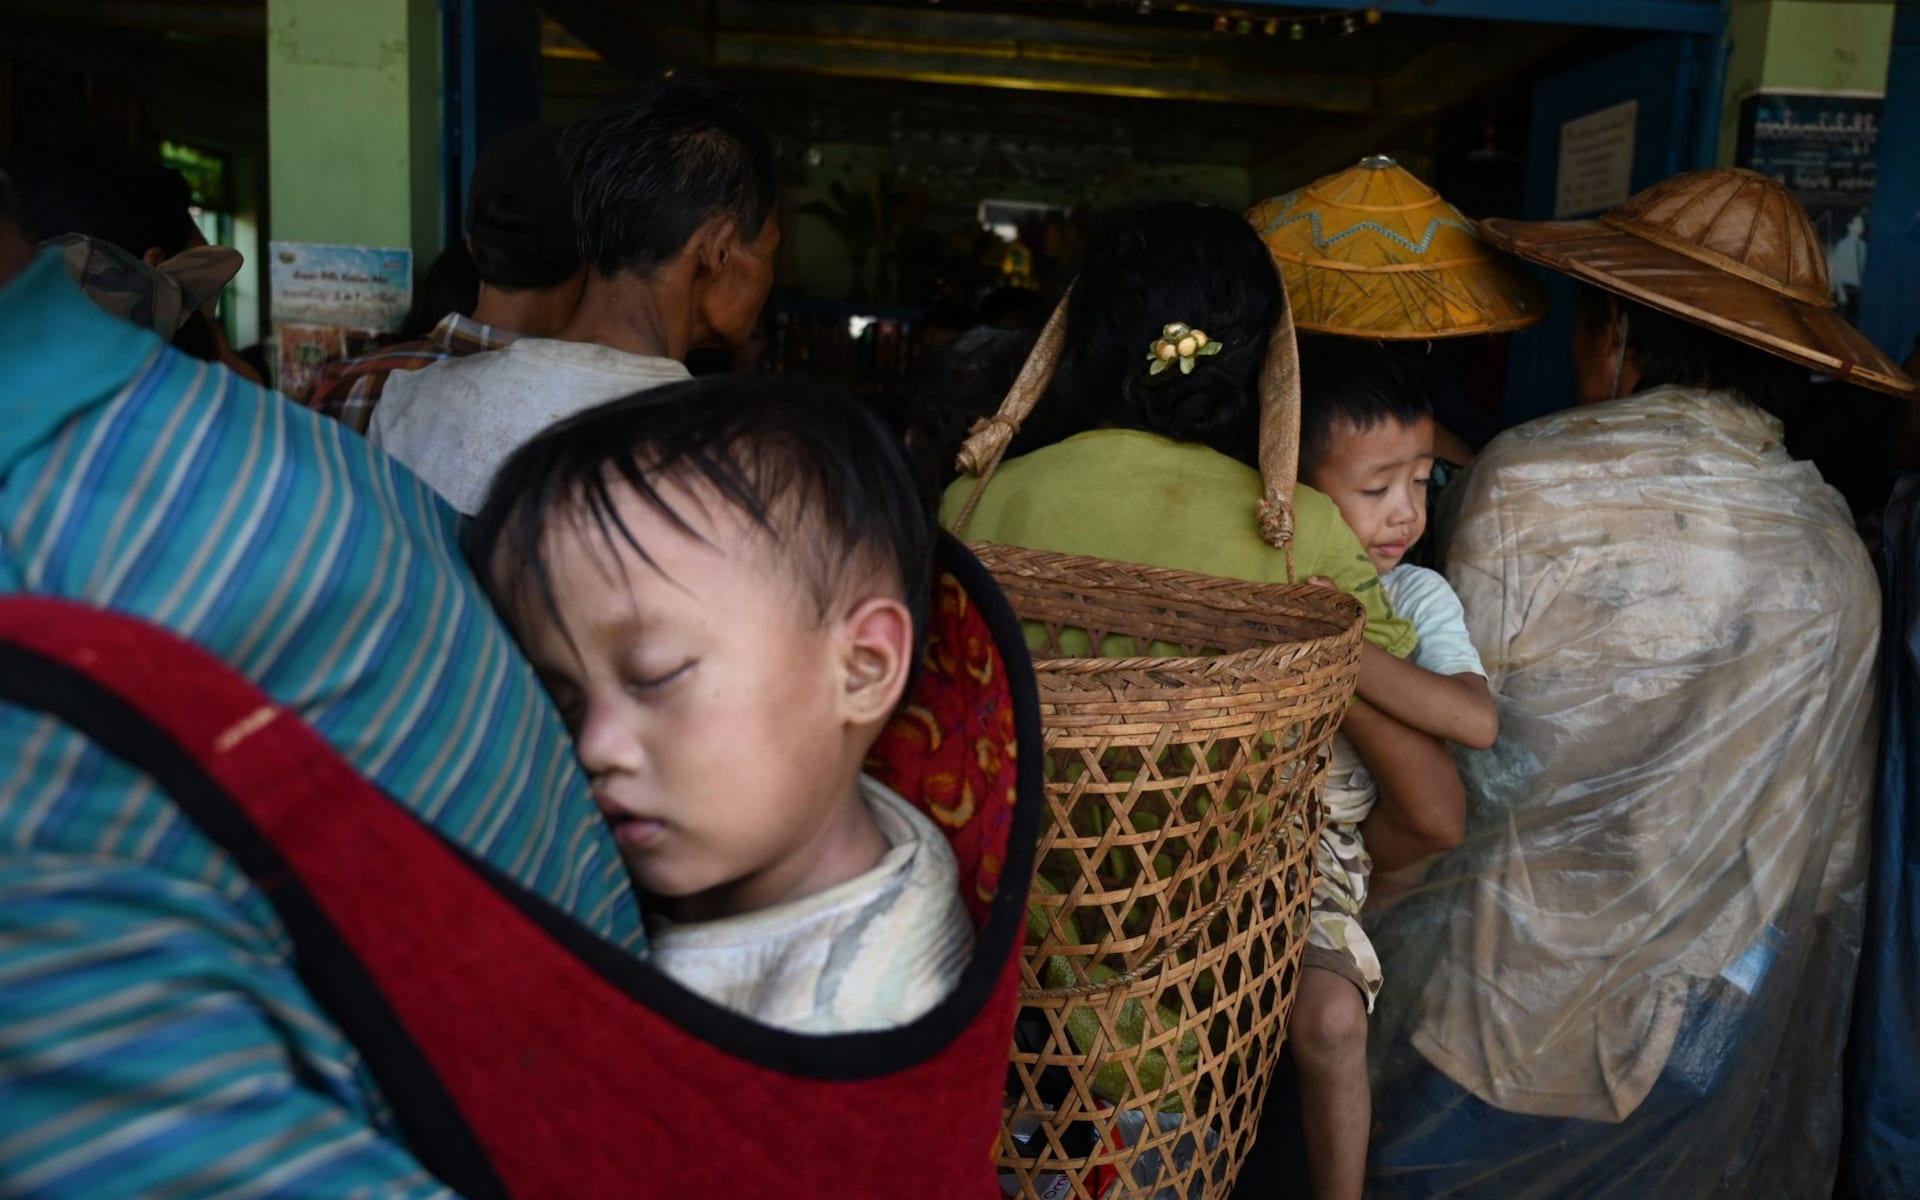 تصاویر روز: از حمل کودکان در سبد برای فرار از درگیری ها در میانمار تا